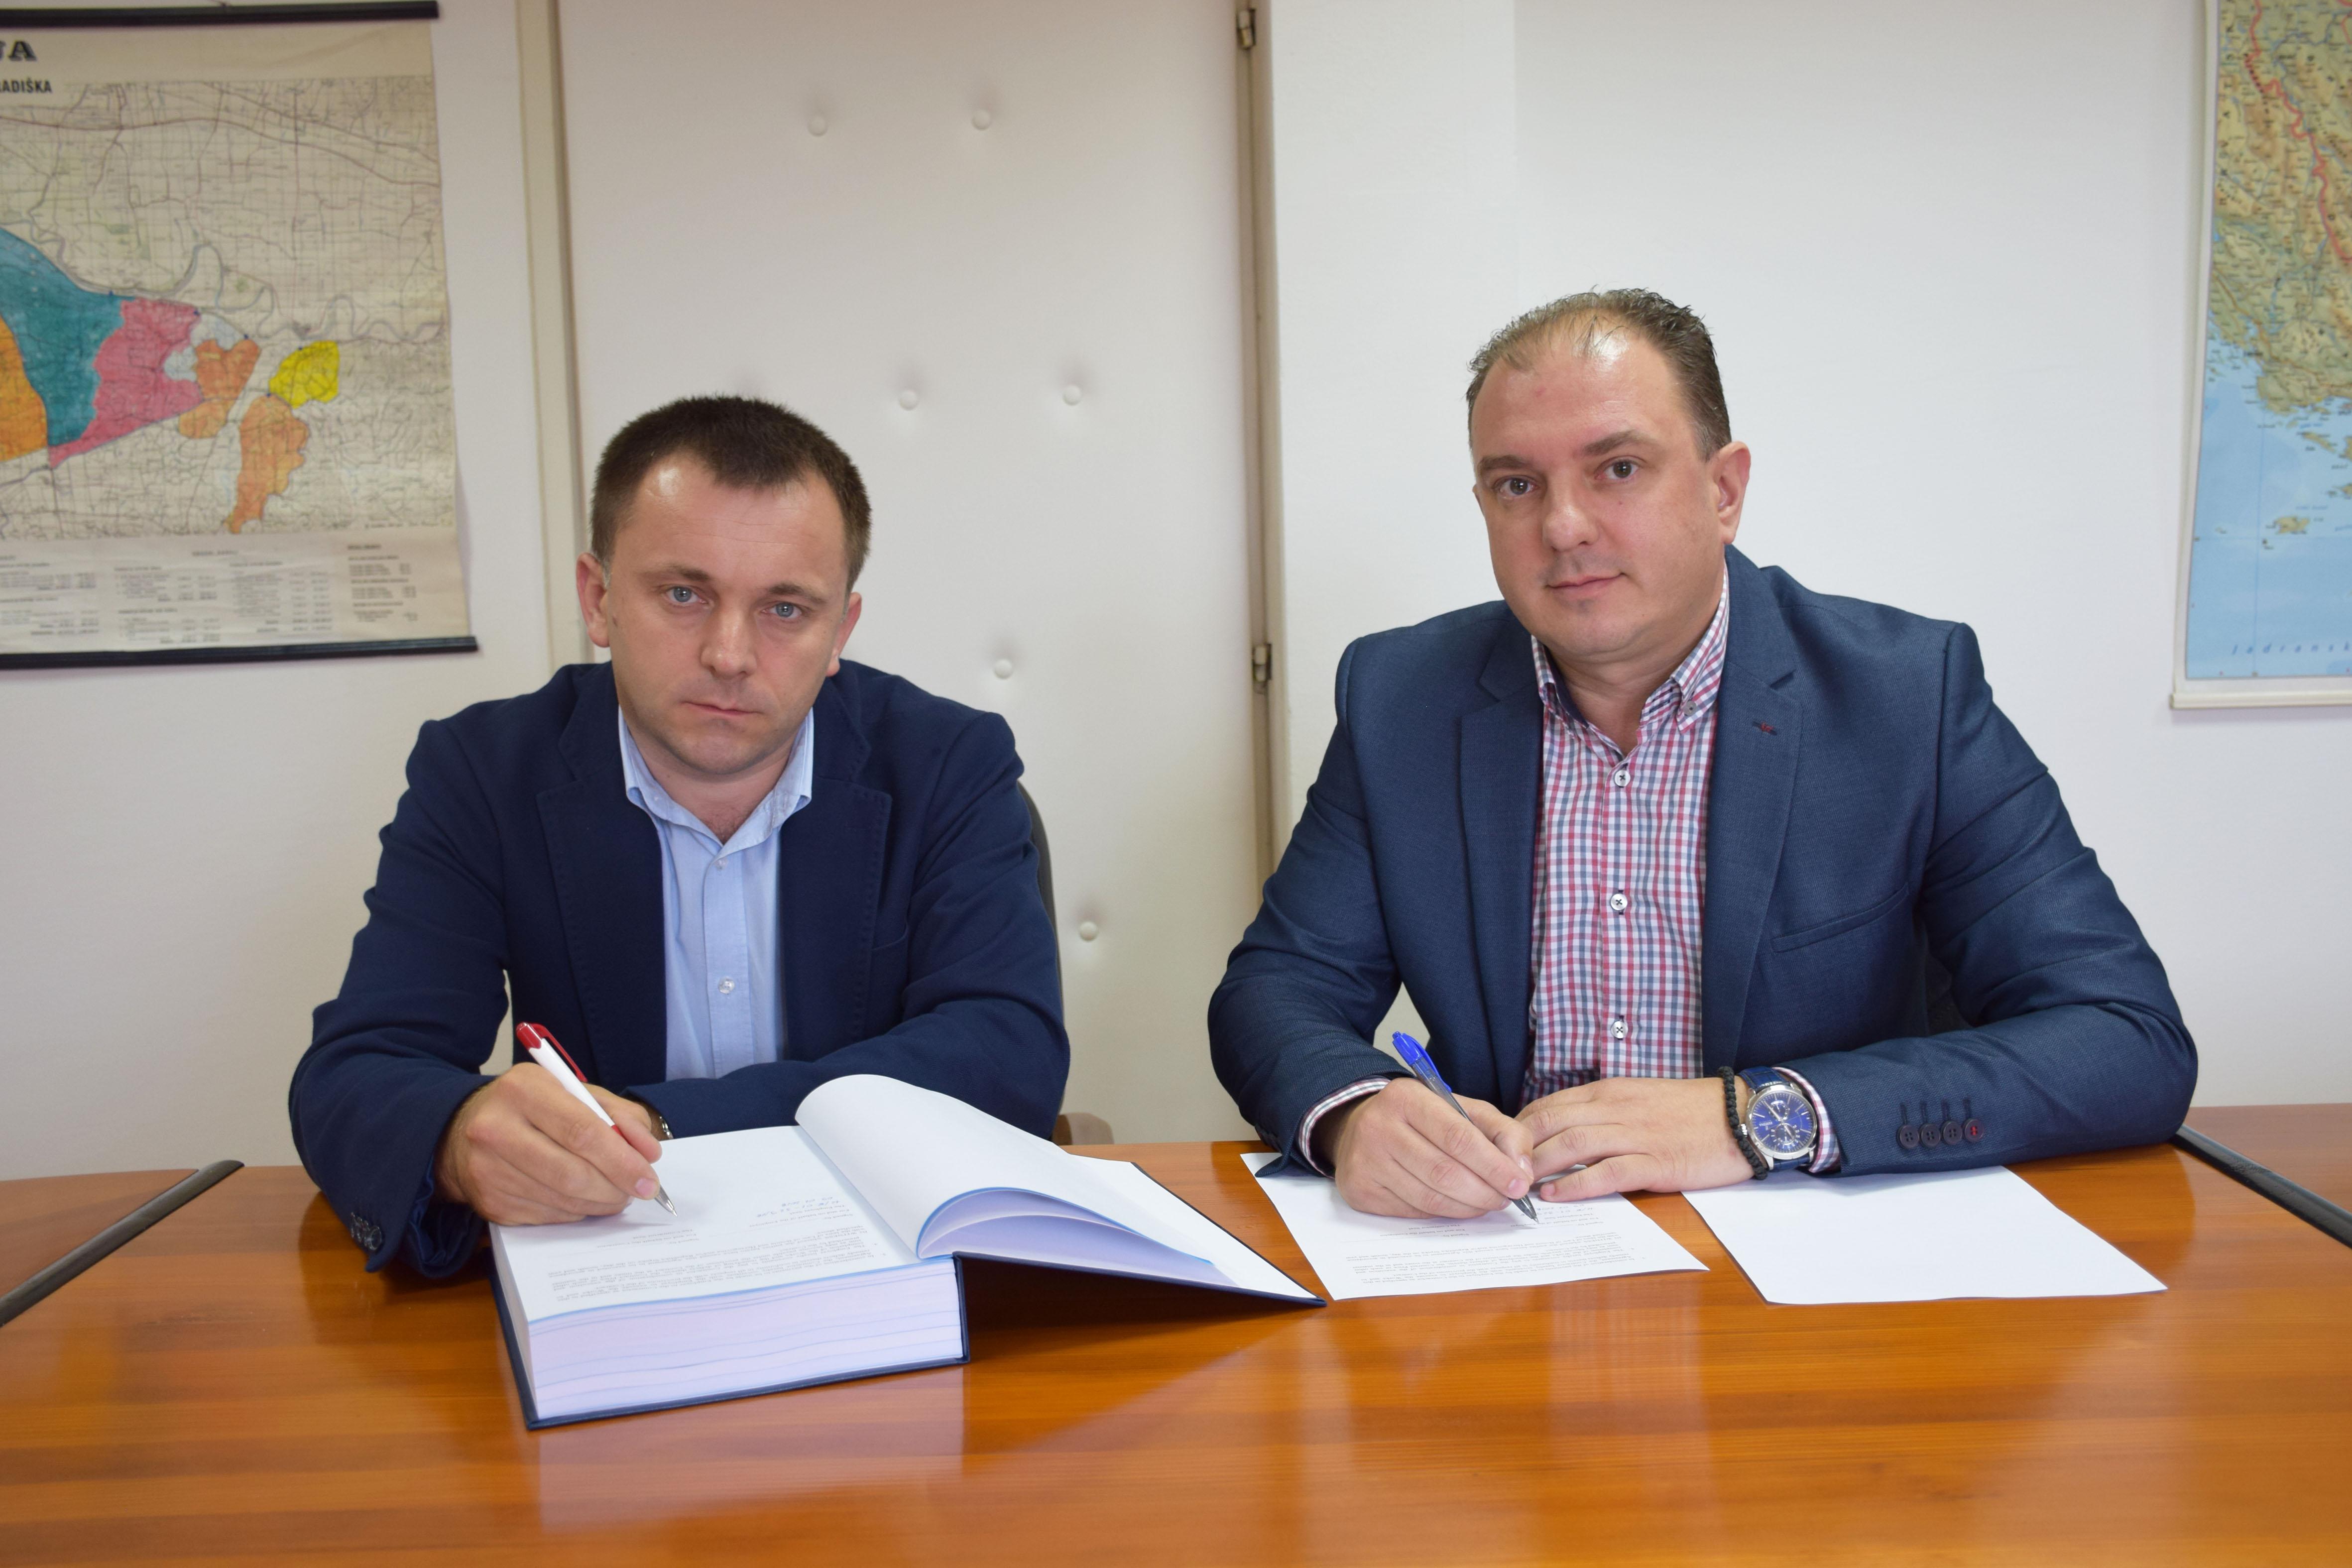 Potpisan ugovor za rekonstrukciju Majevičkog obodnog kanala i kanala Glogovac